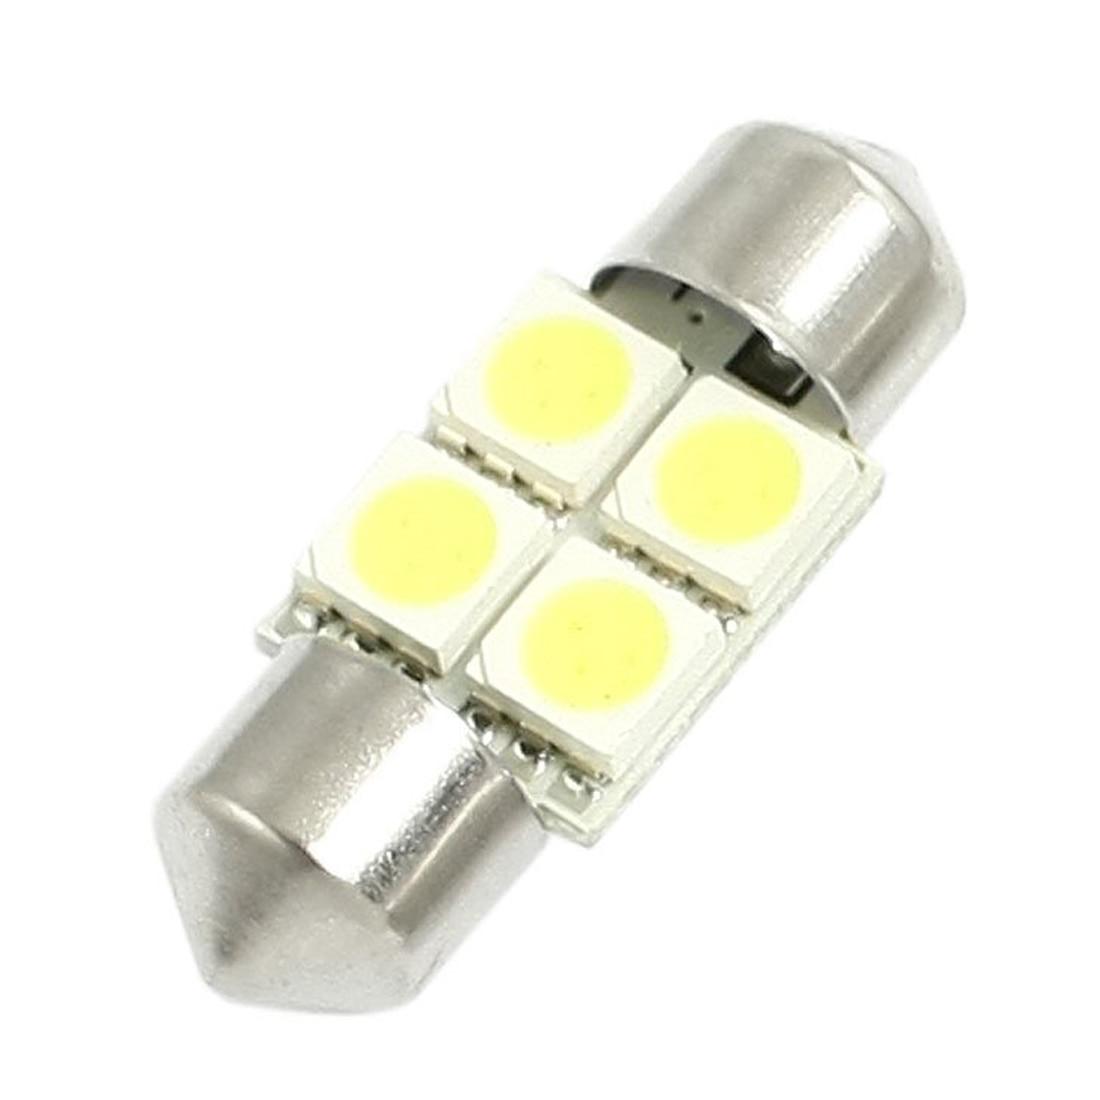 DC 12V 30mm 4 5050 SMD Car Dome Festoon LED Light White 2 Pcs 3156 12w 600lm osram 4 smd 7060 led white light car bulb dc 12v